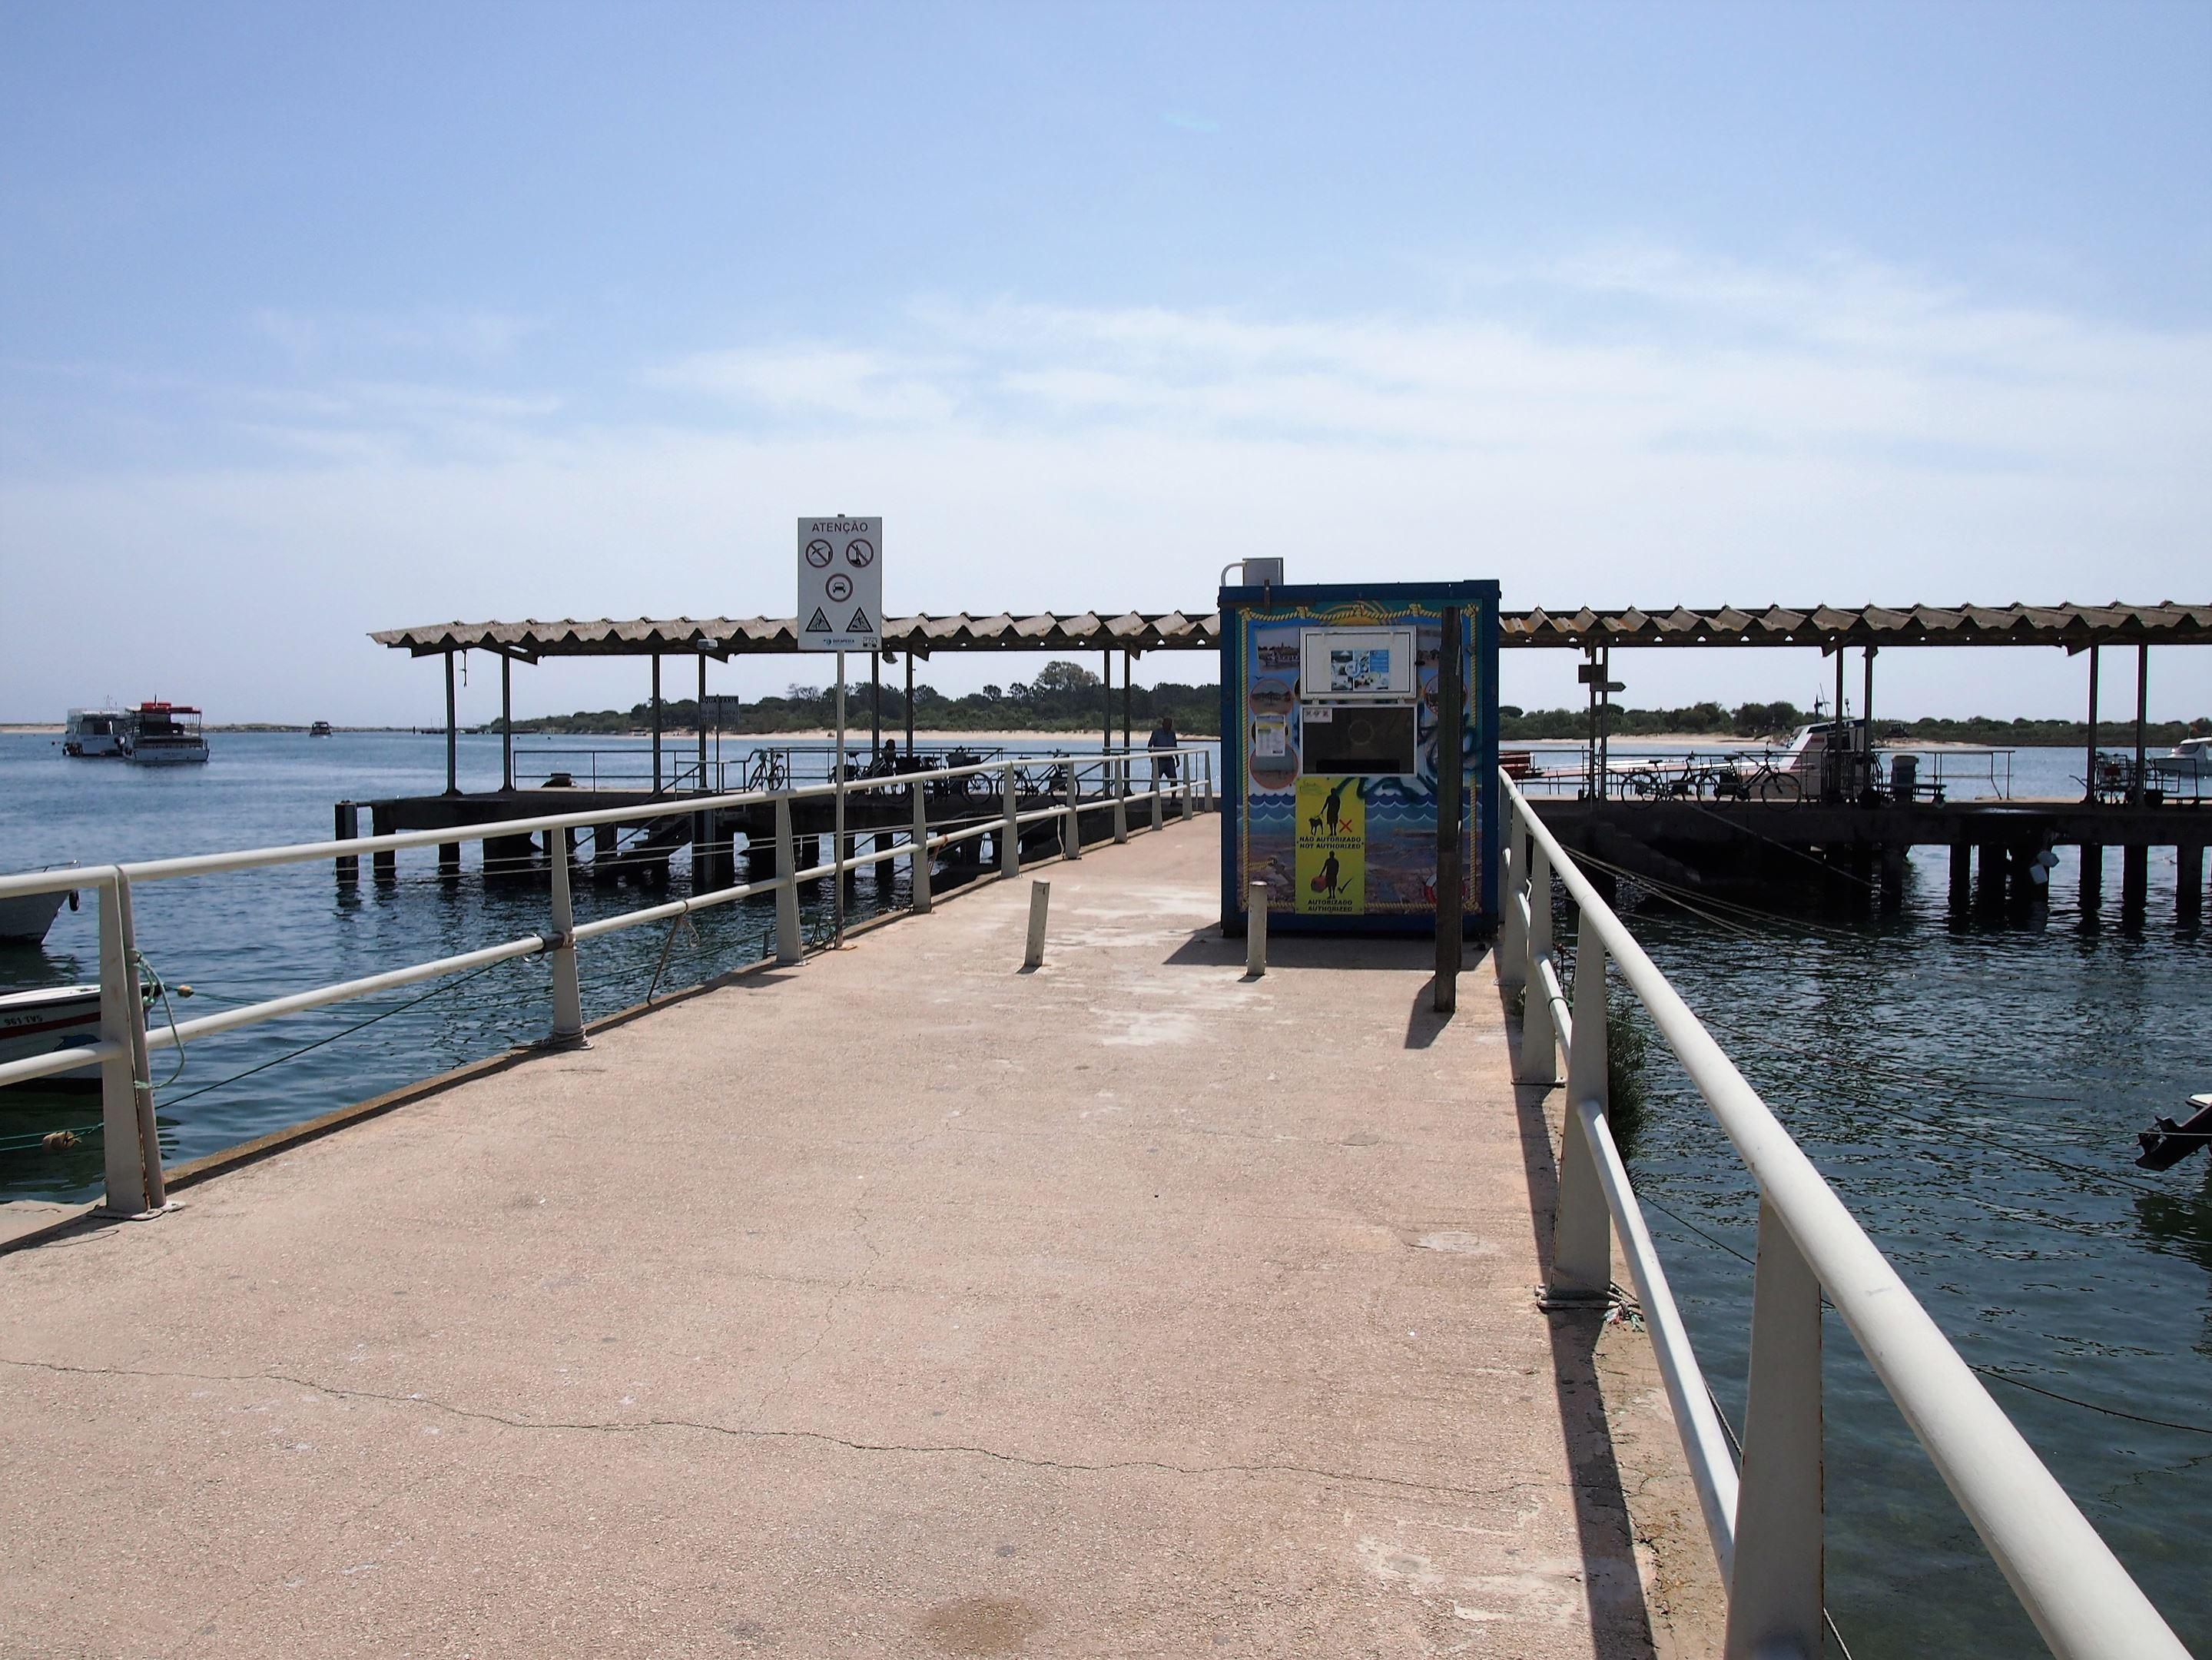 The jetty at Cais das Quatro Águas which provides the shortest route to Ilha de Tavira